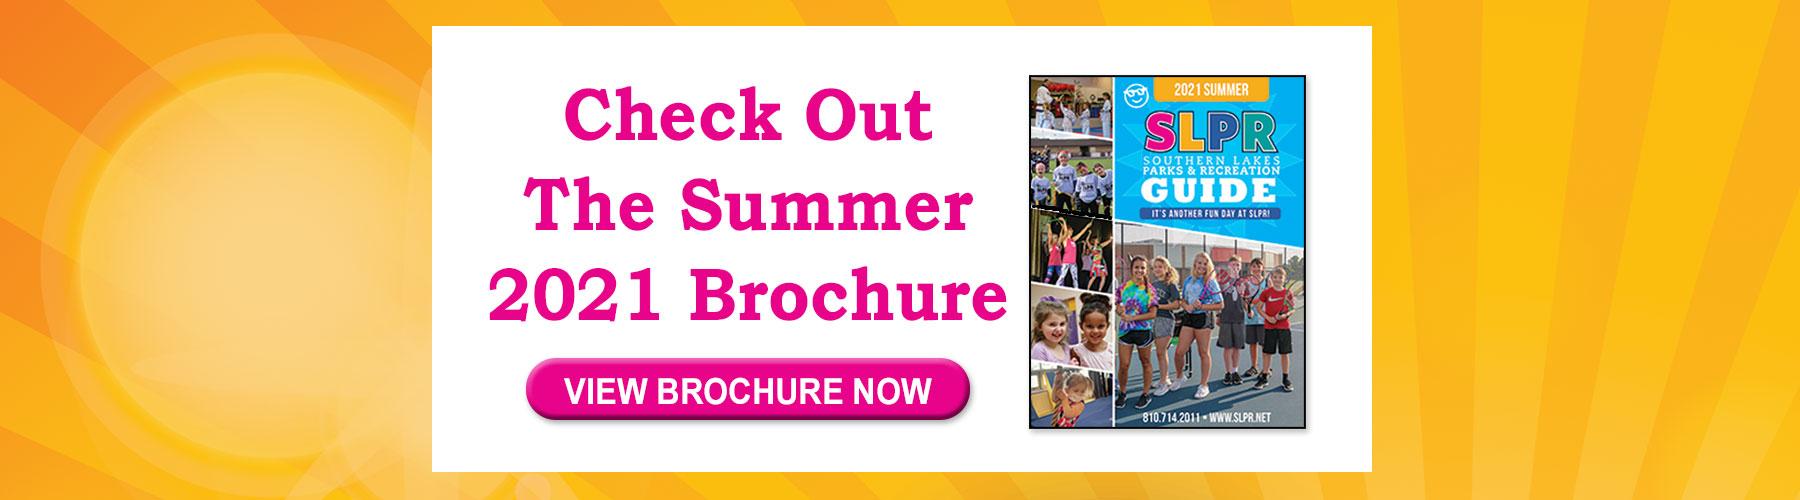 Summer 2021 Brochure